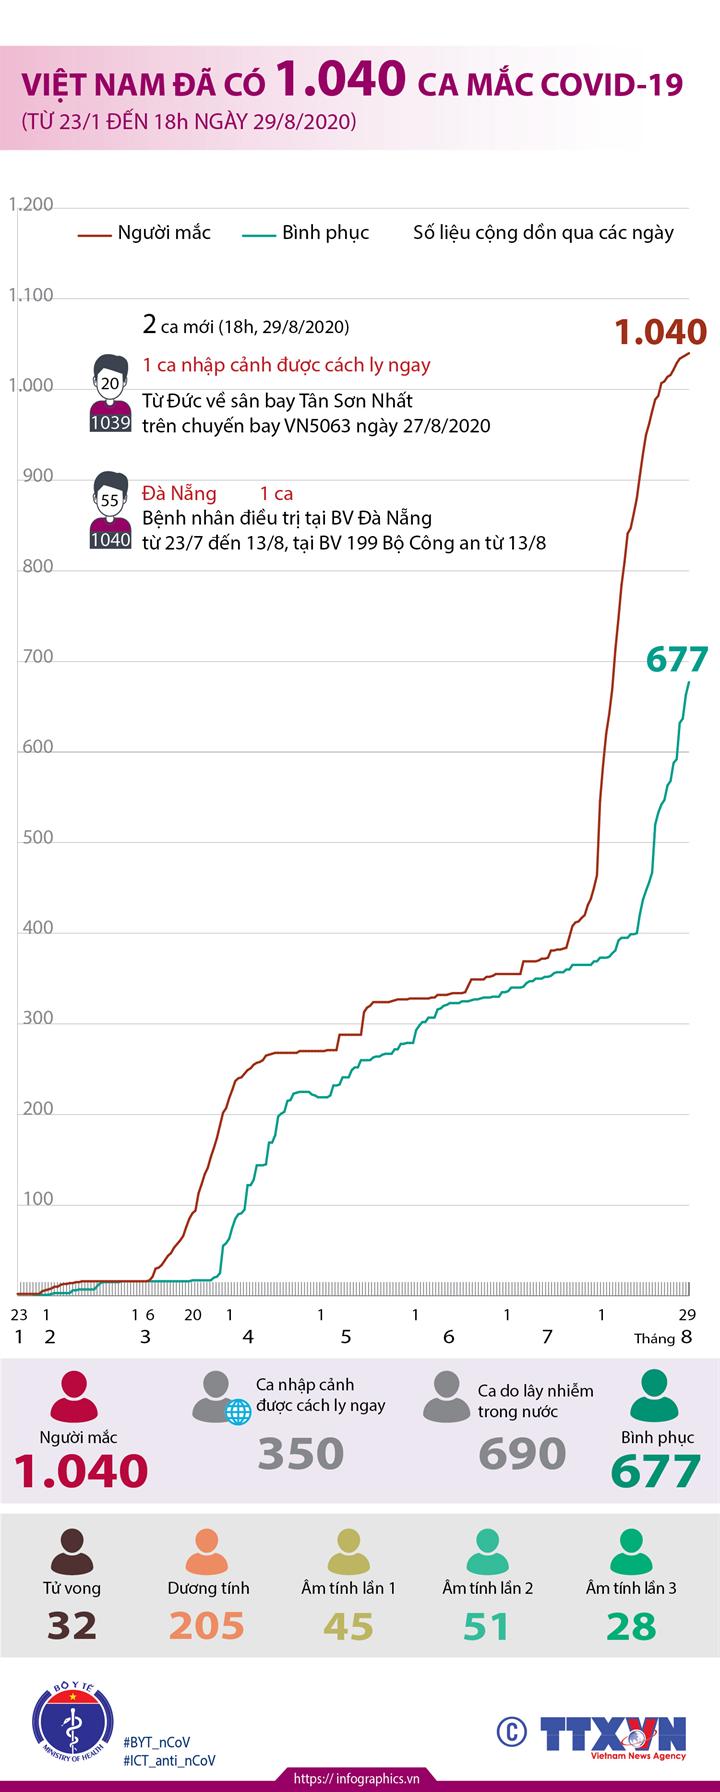 Việt Nam đã có 1.040 ca mắc COVID-19 (từ 23/1 đến 18h ngày 29/8/2020)